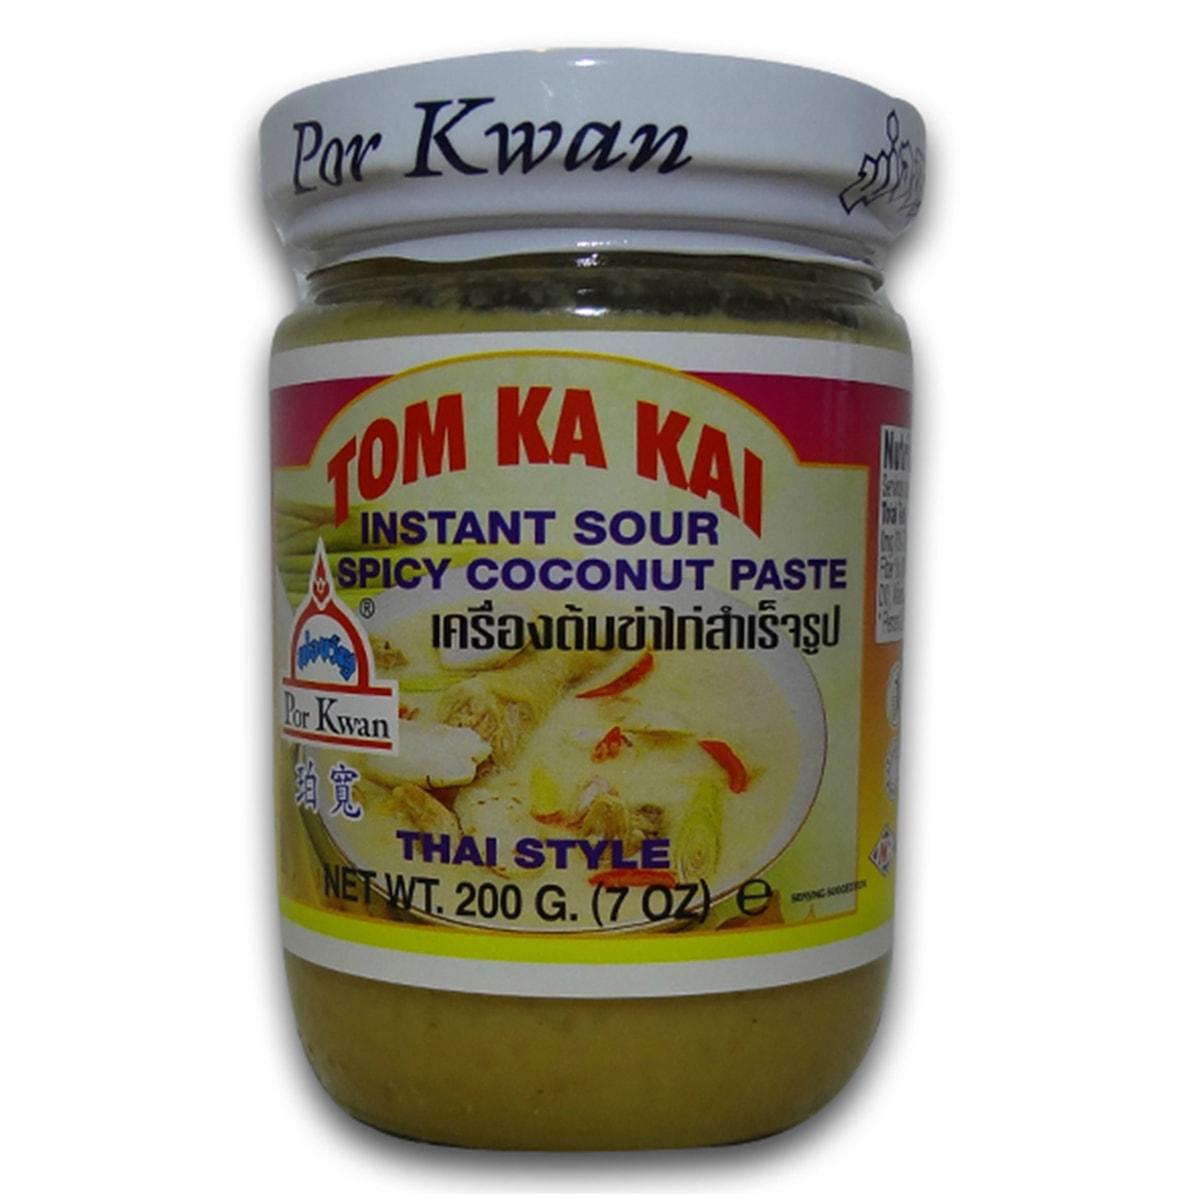 Buy Por Kwan Tom Ka Kai (Instant Sour Spicy Coconut Paste Thai Style) - 200 gm